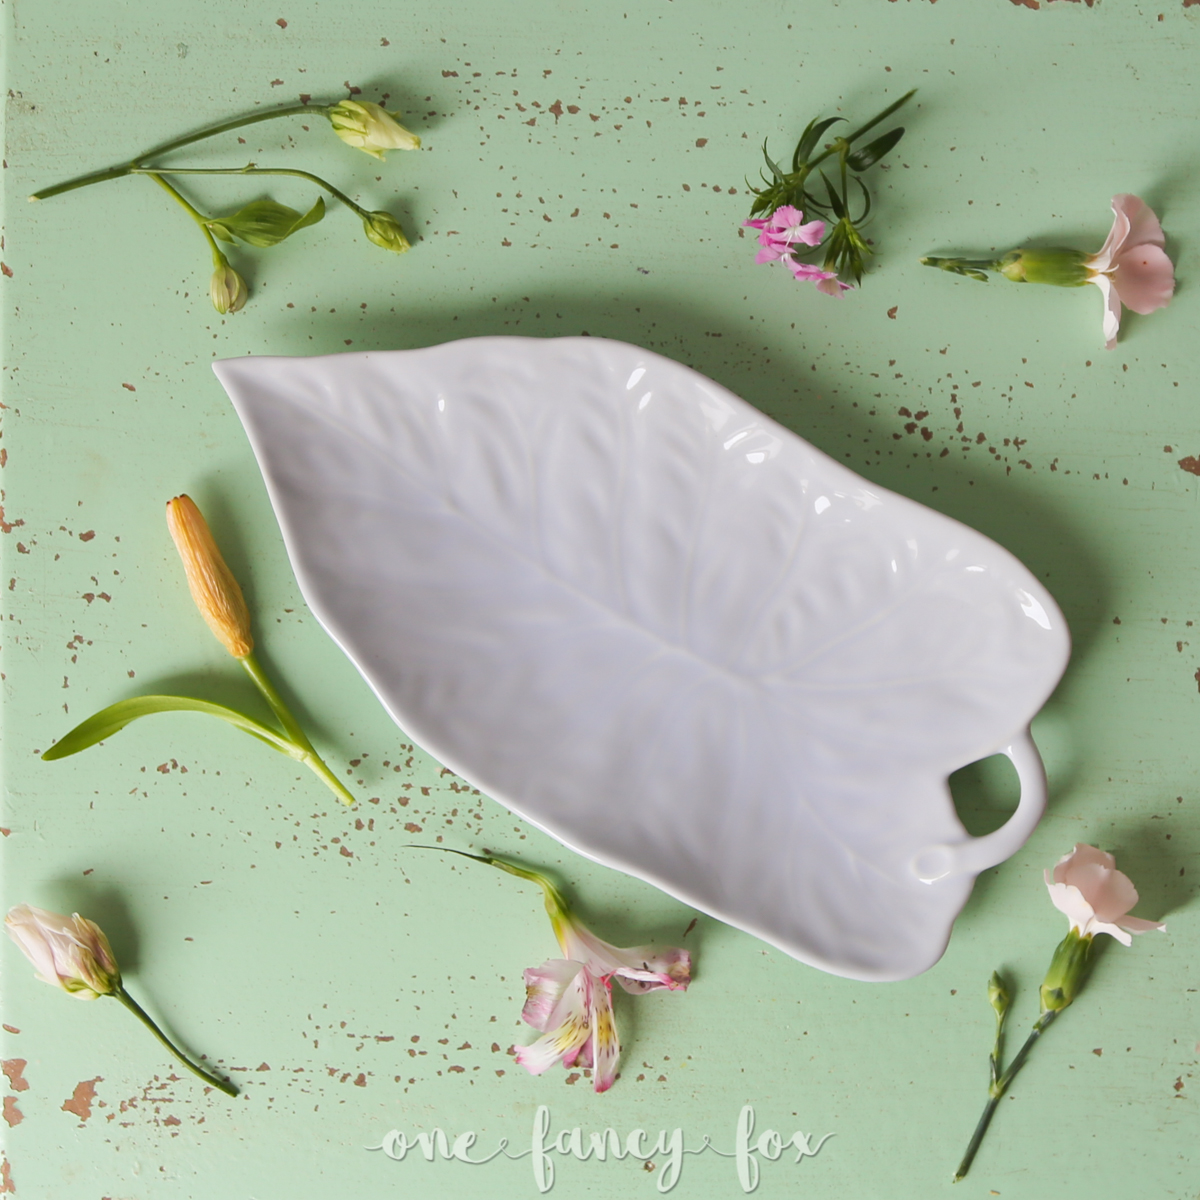 Dessertteller Leaf mieten Blattdesign